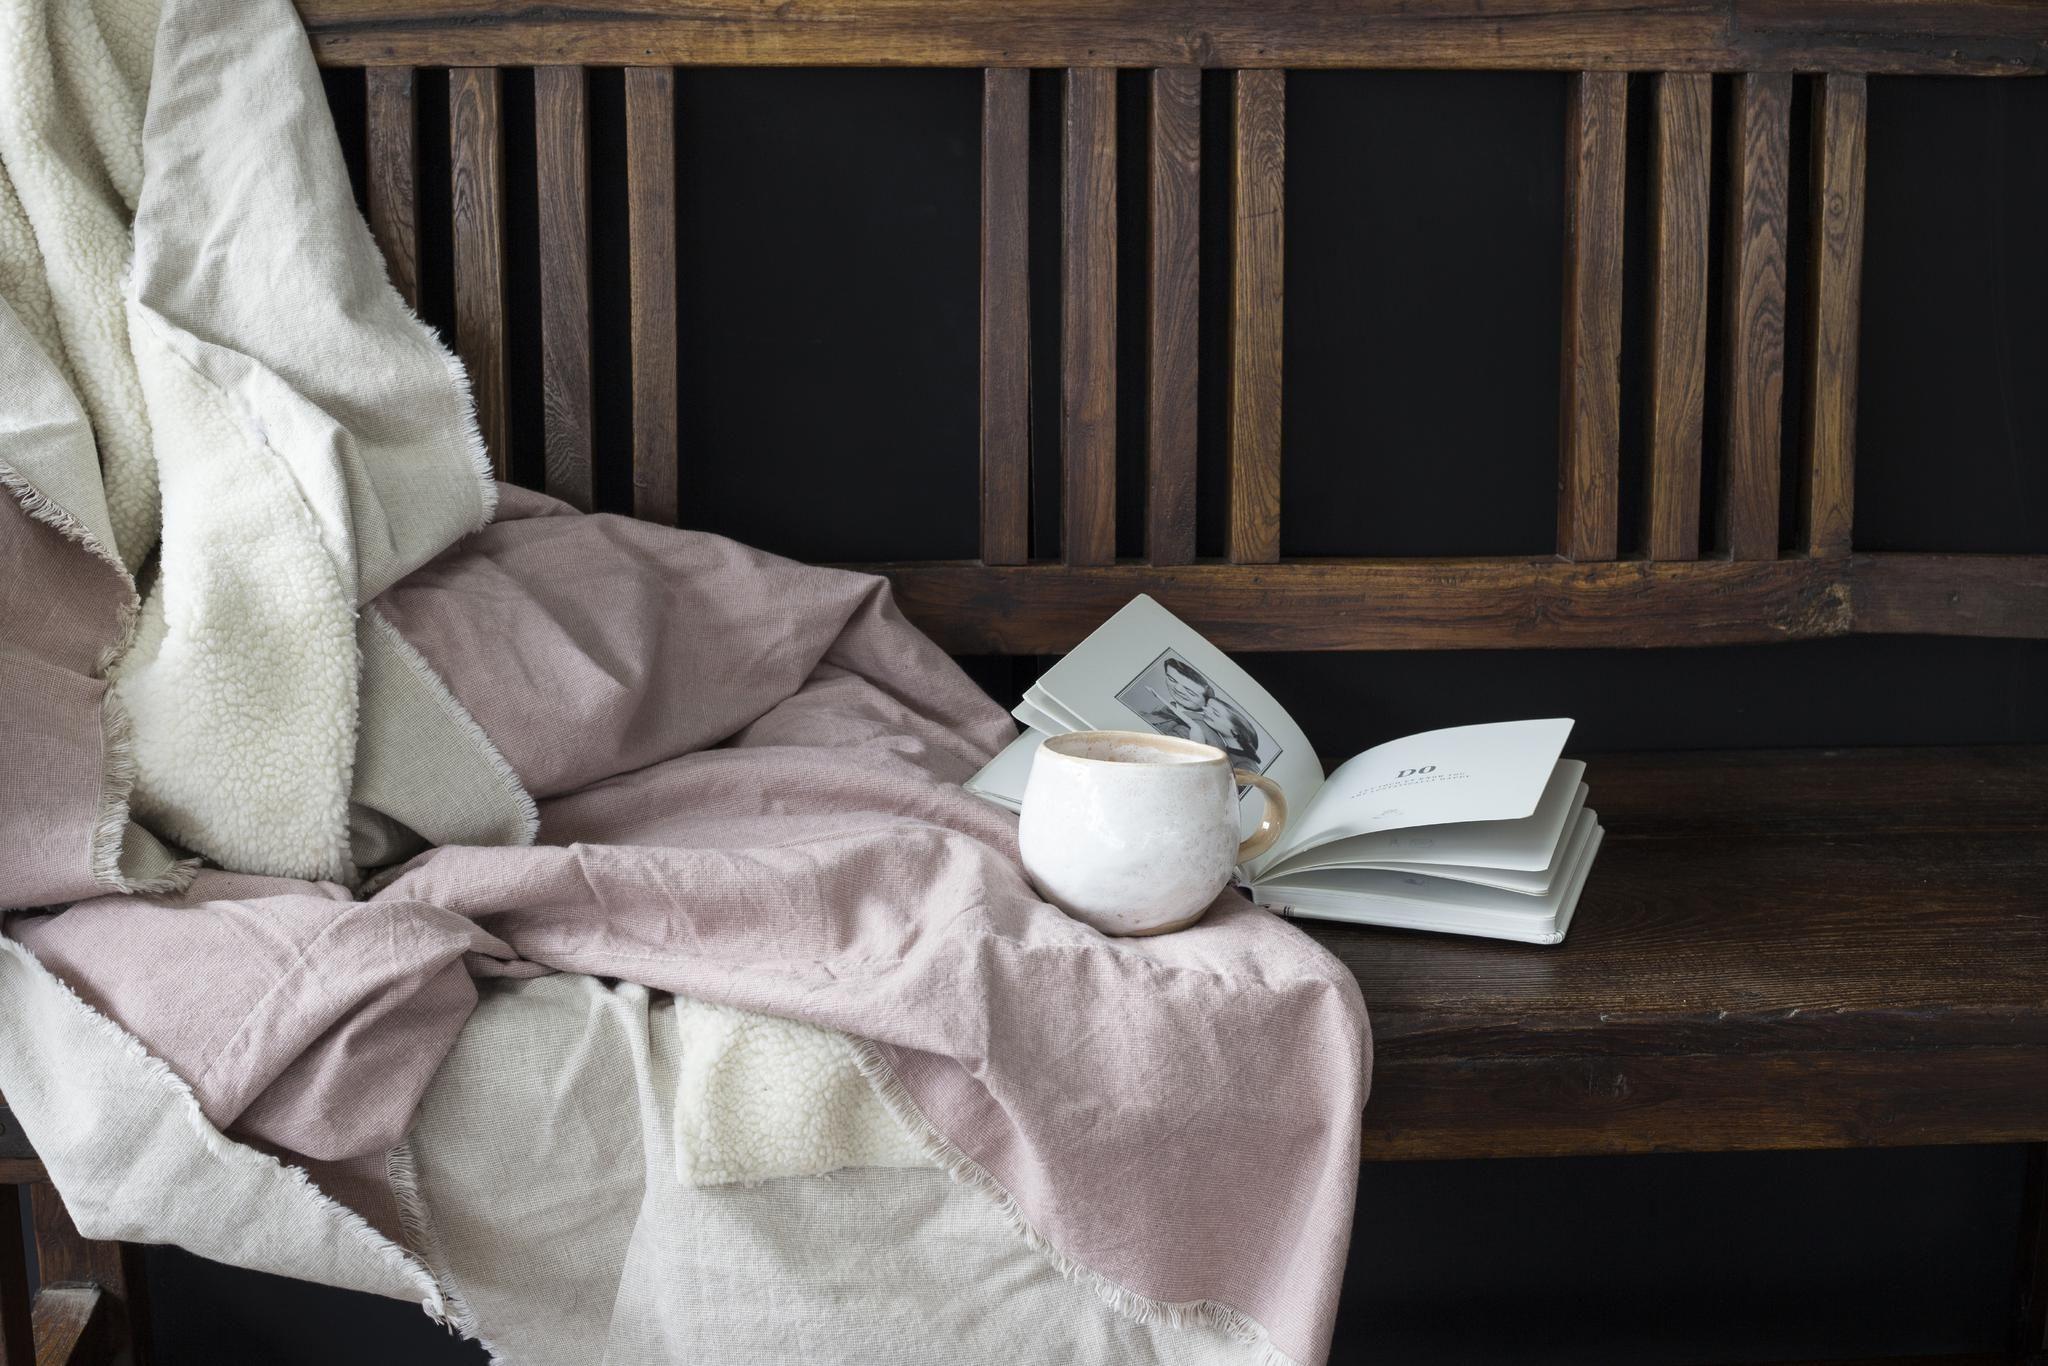 nice and cozy mug and soft furnishing